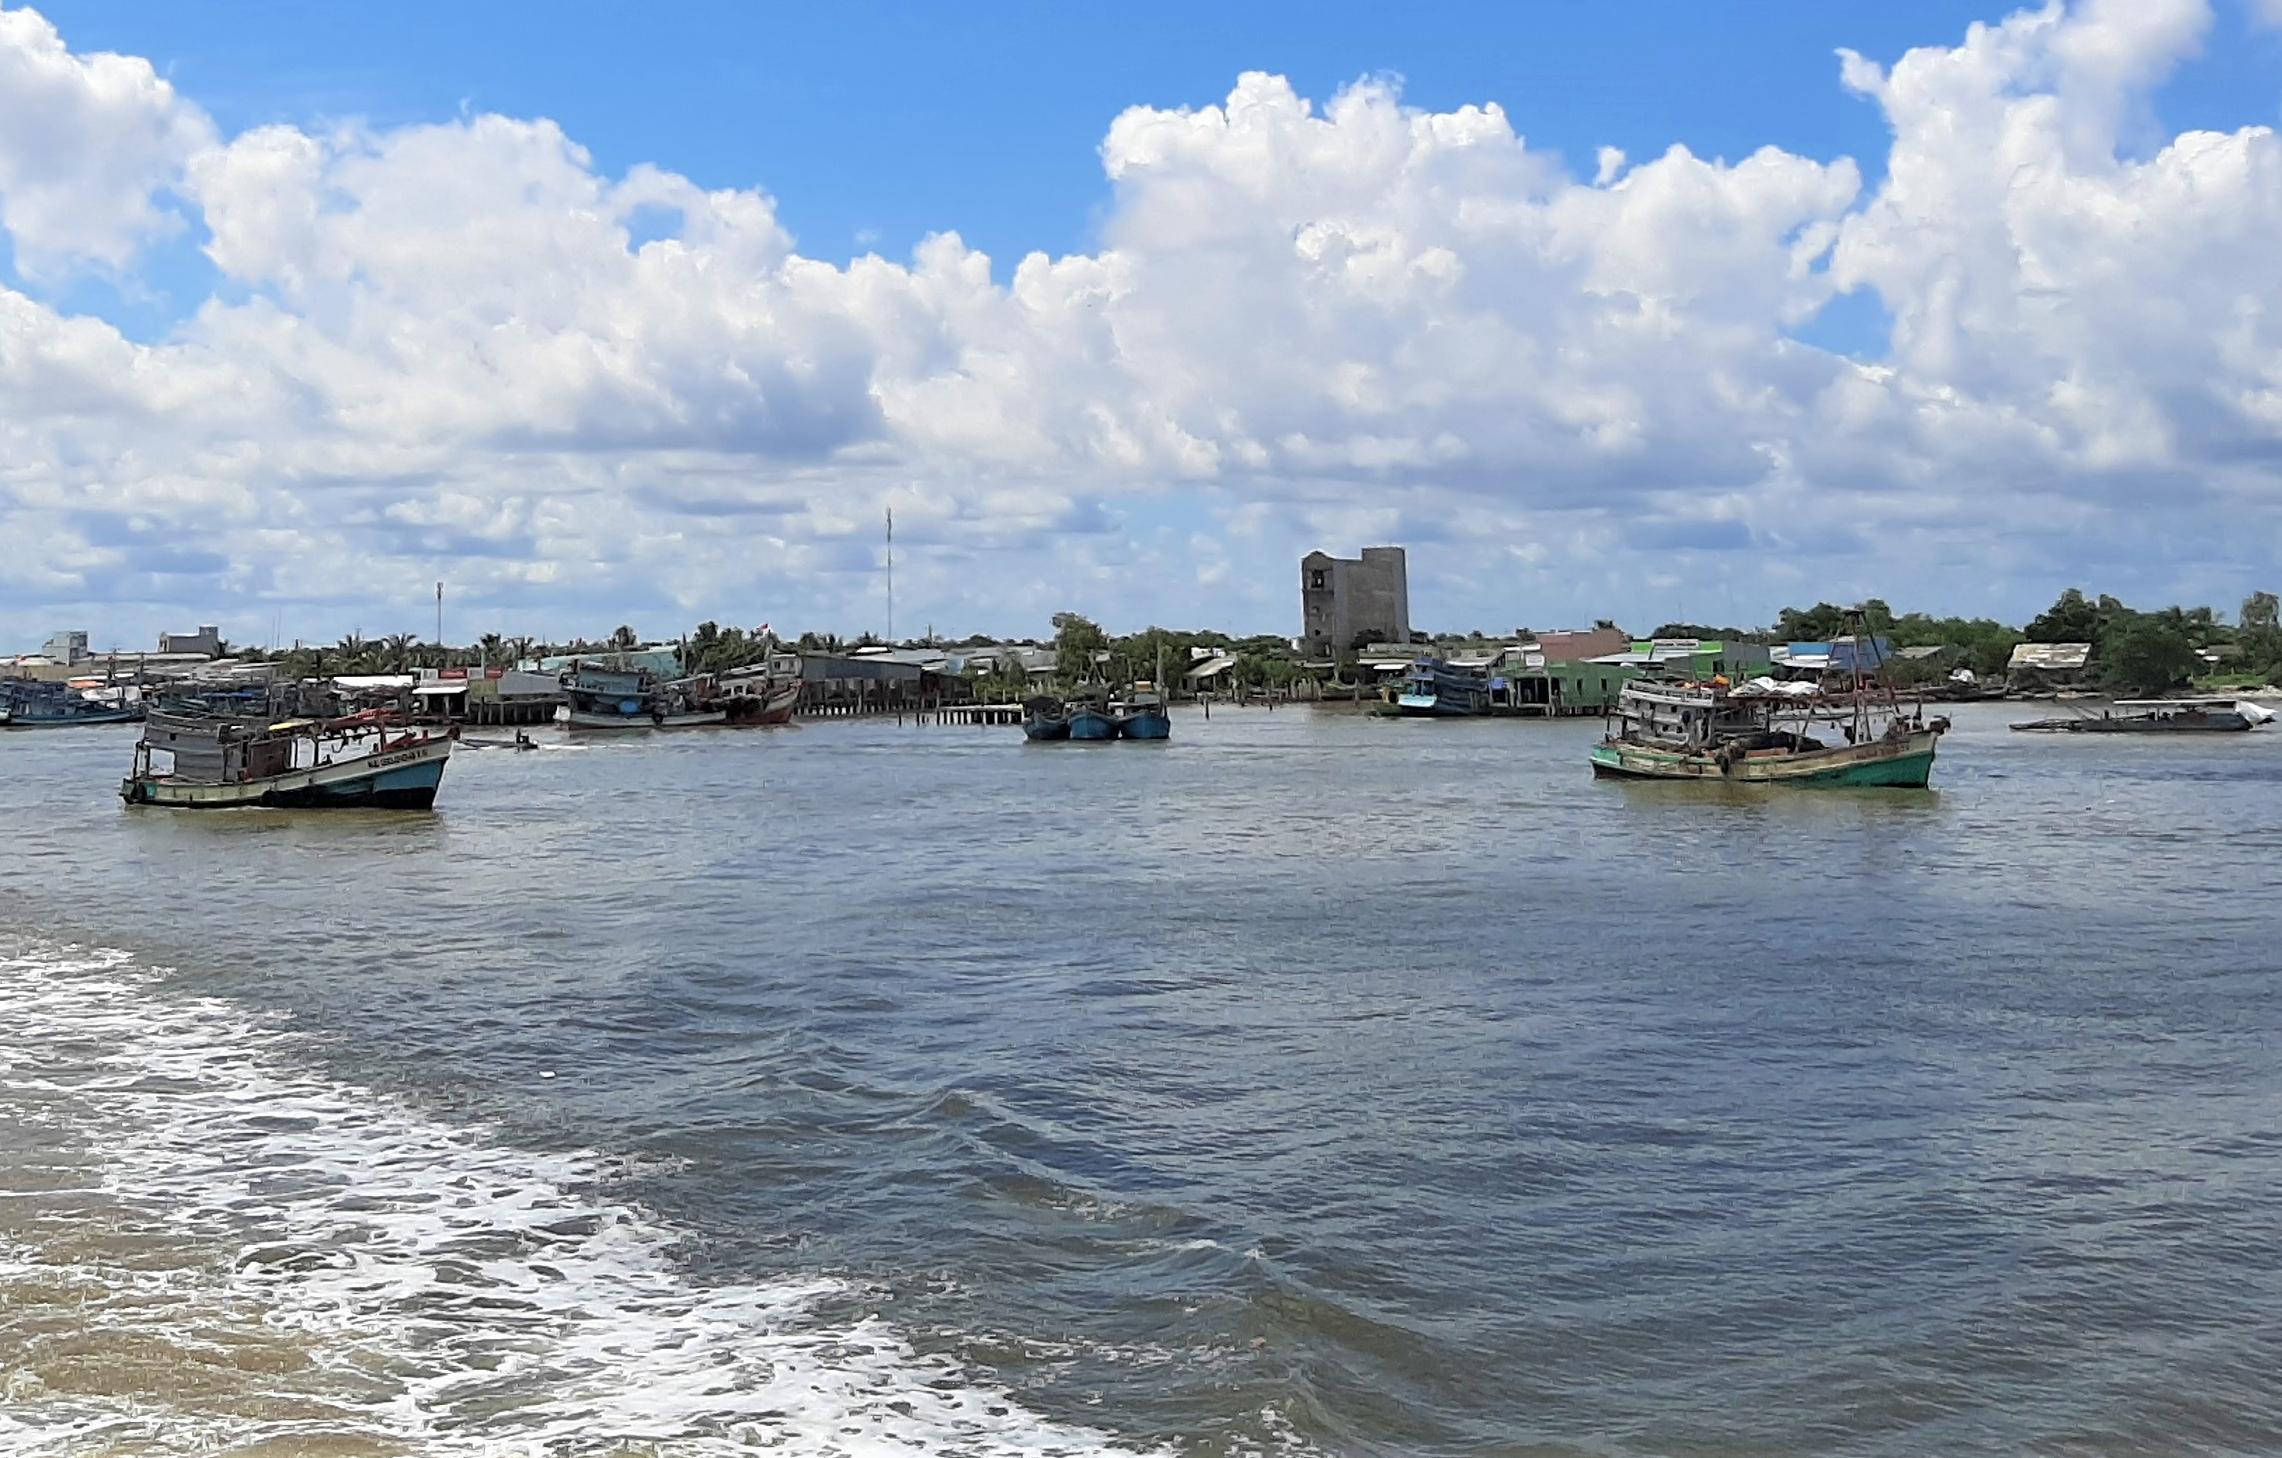 Cửa biển Sông Đốc, nơi phát hiện tàu cá chở 38 người Việt nhập cảnh trái phép. Ảnh: Khánh Hưng.